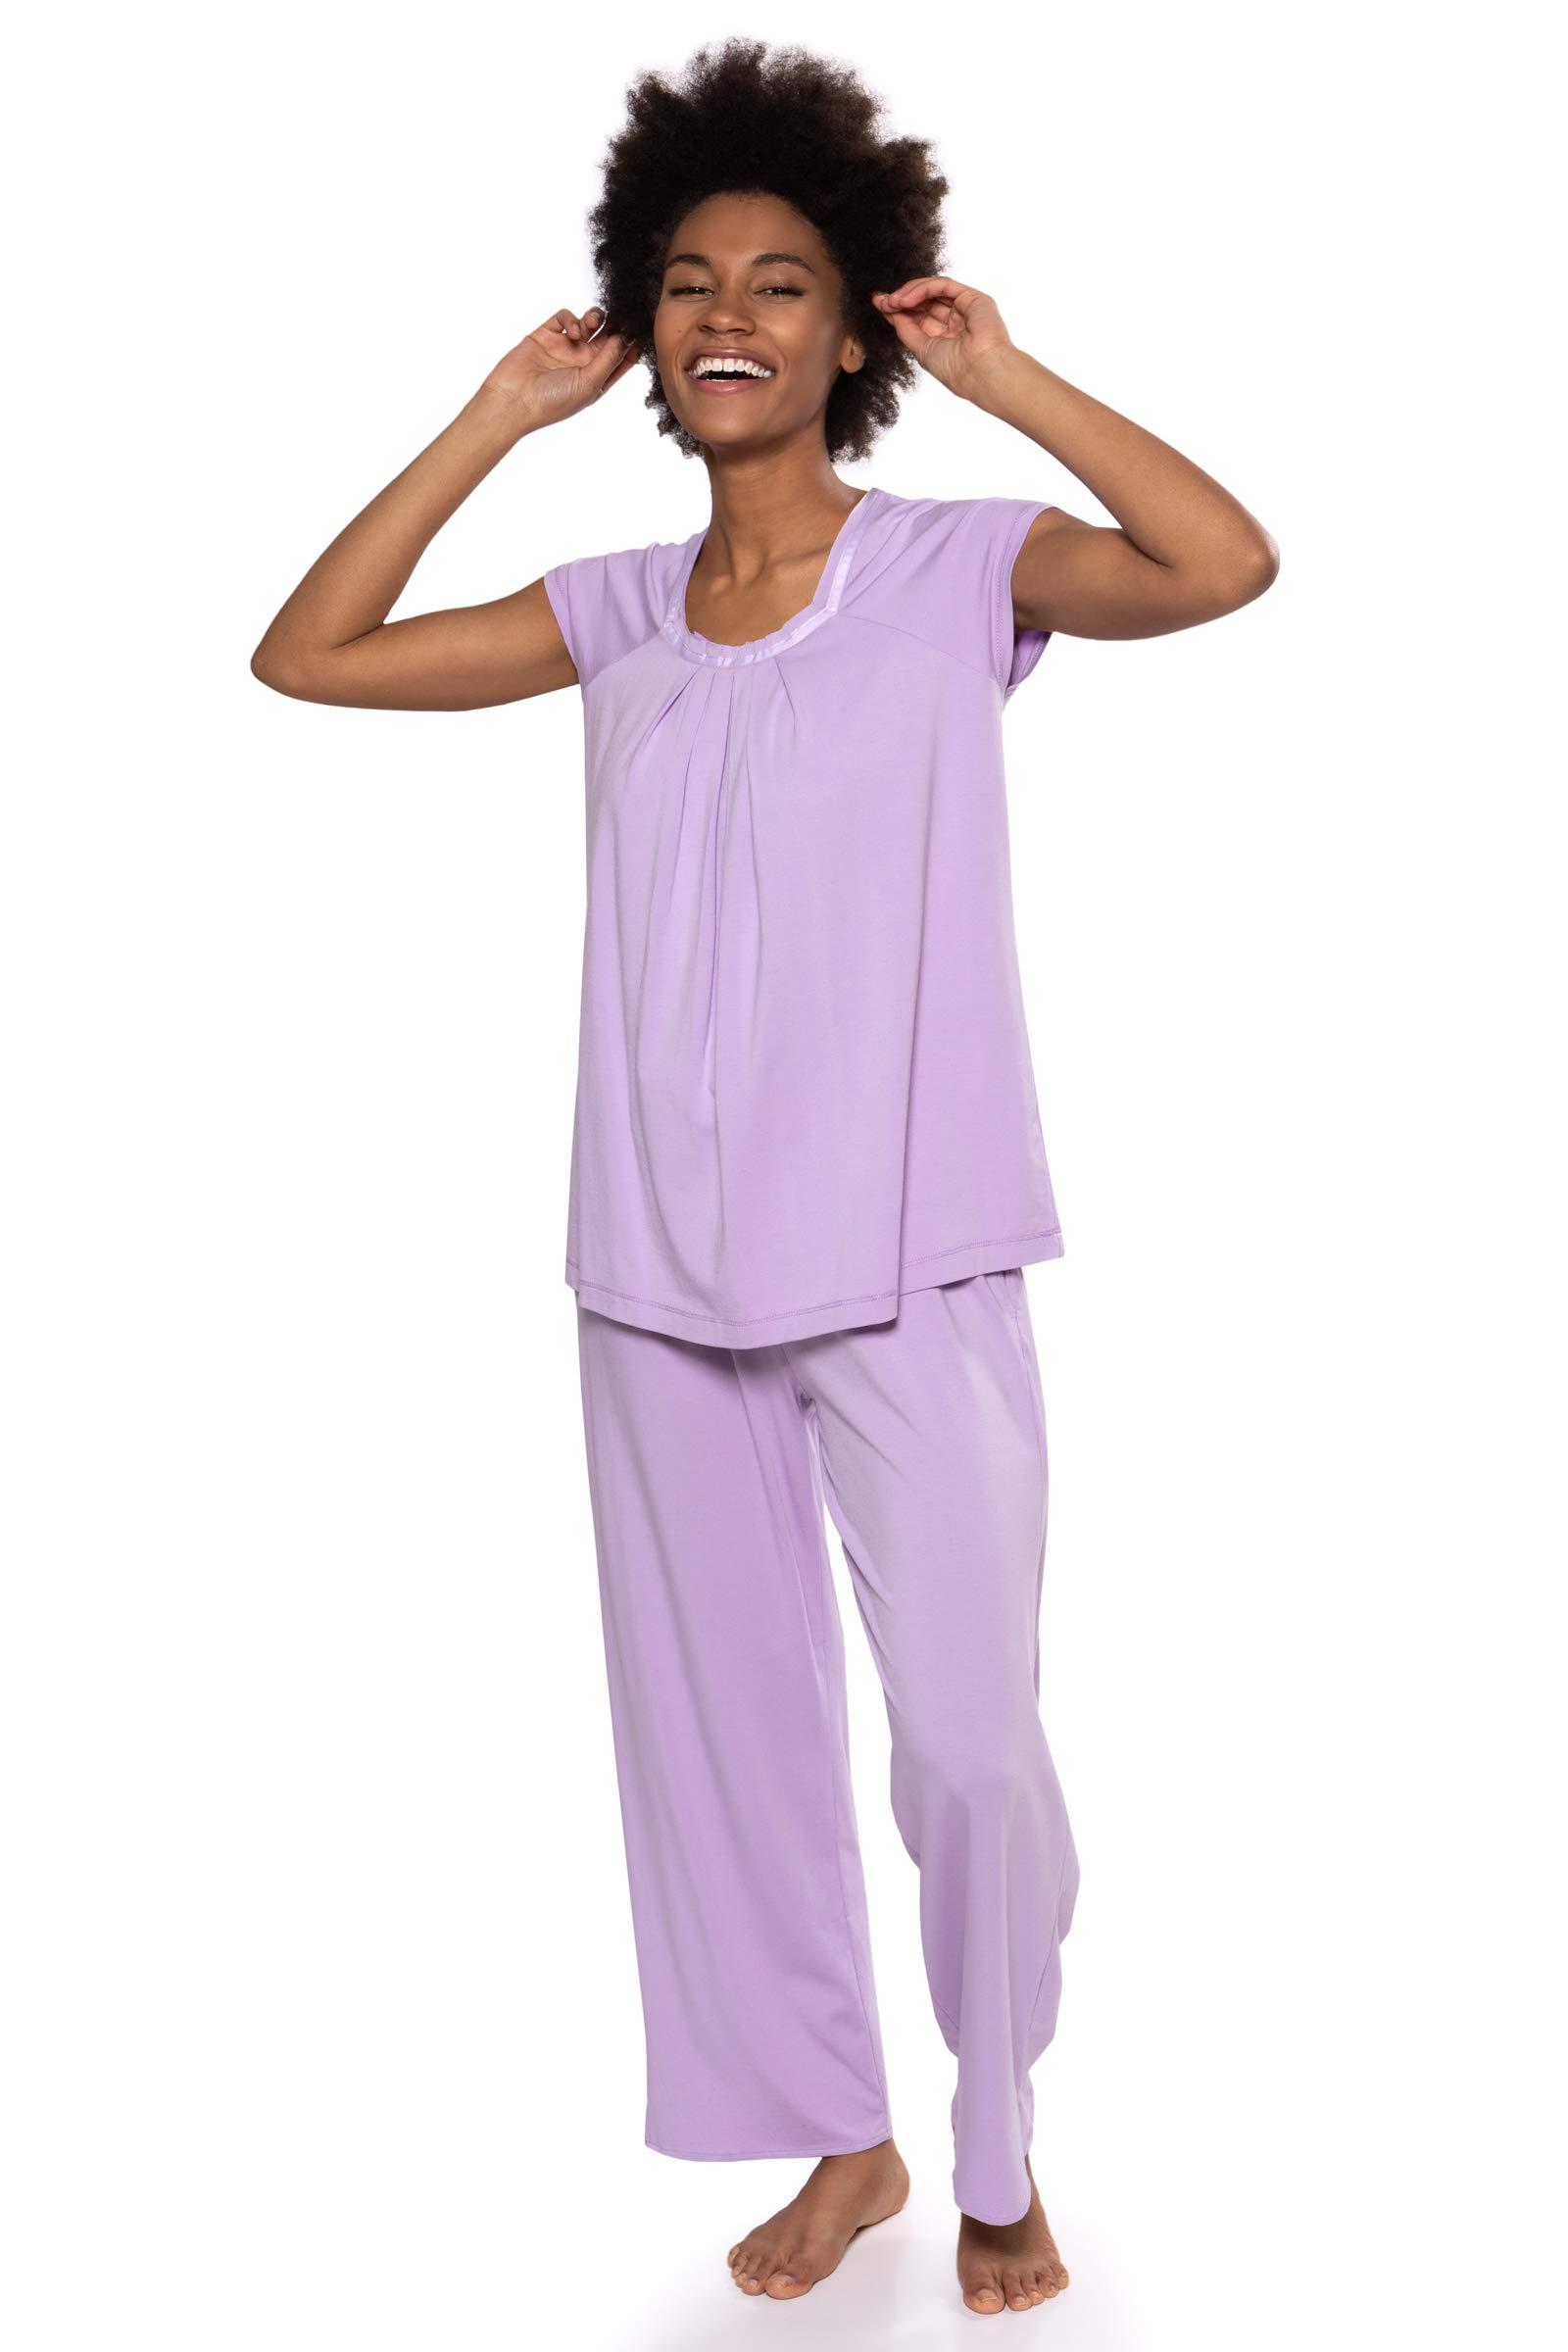 Women's Pajama Set - Sleepwear Bamboo Pajamas for